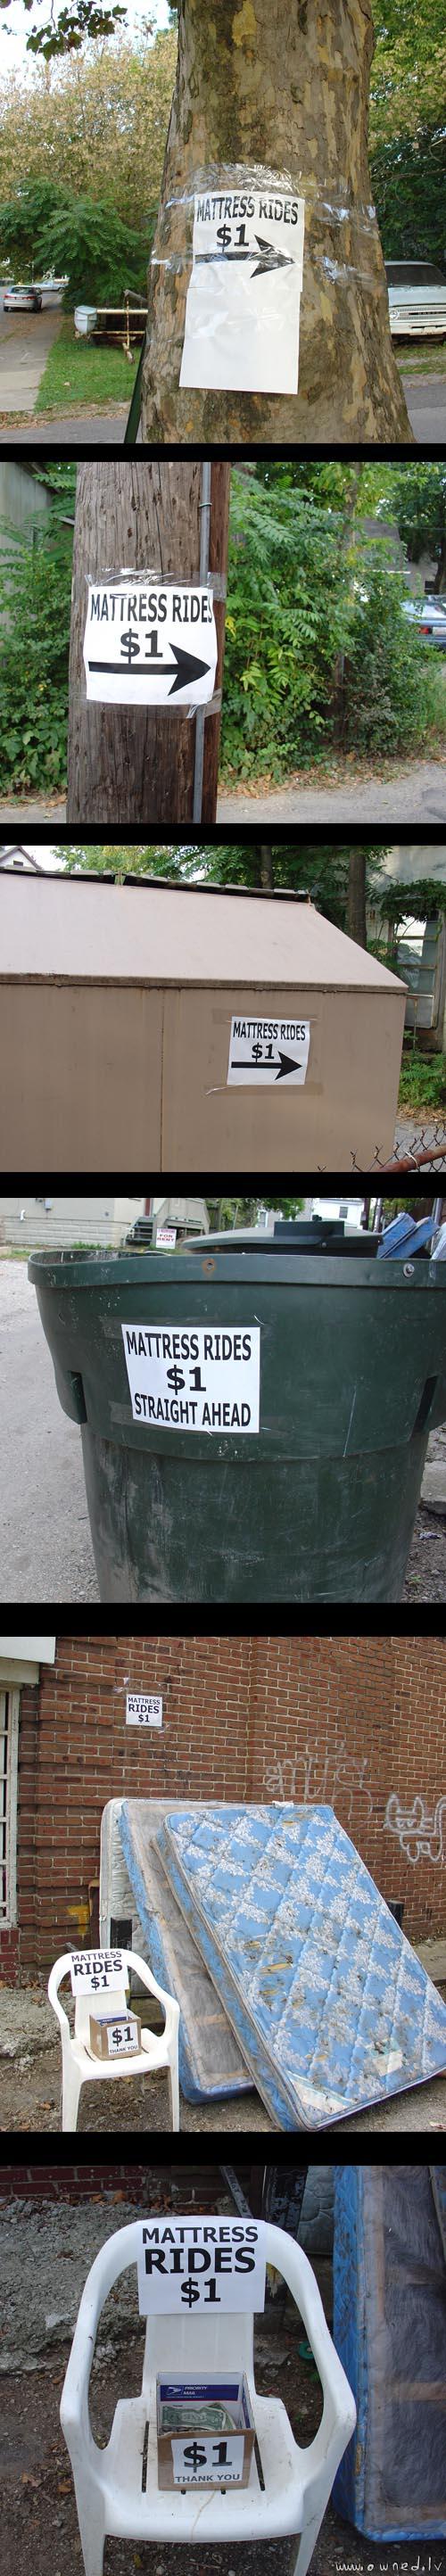 Mattress rides